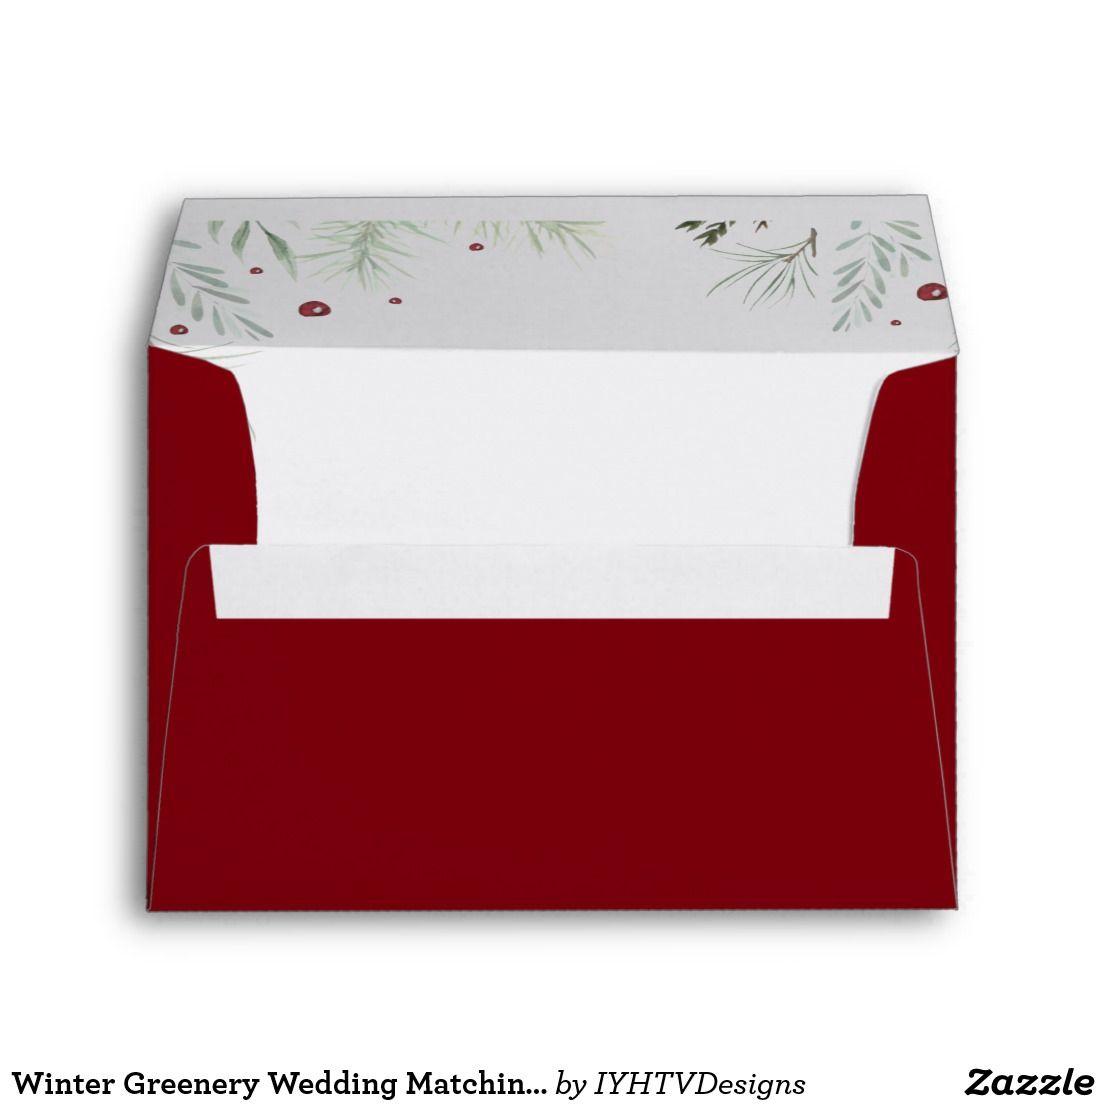 Winter Greenery Wedding Matching Envelope | Weddings | Pinterest ...